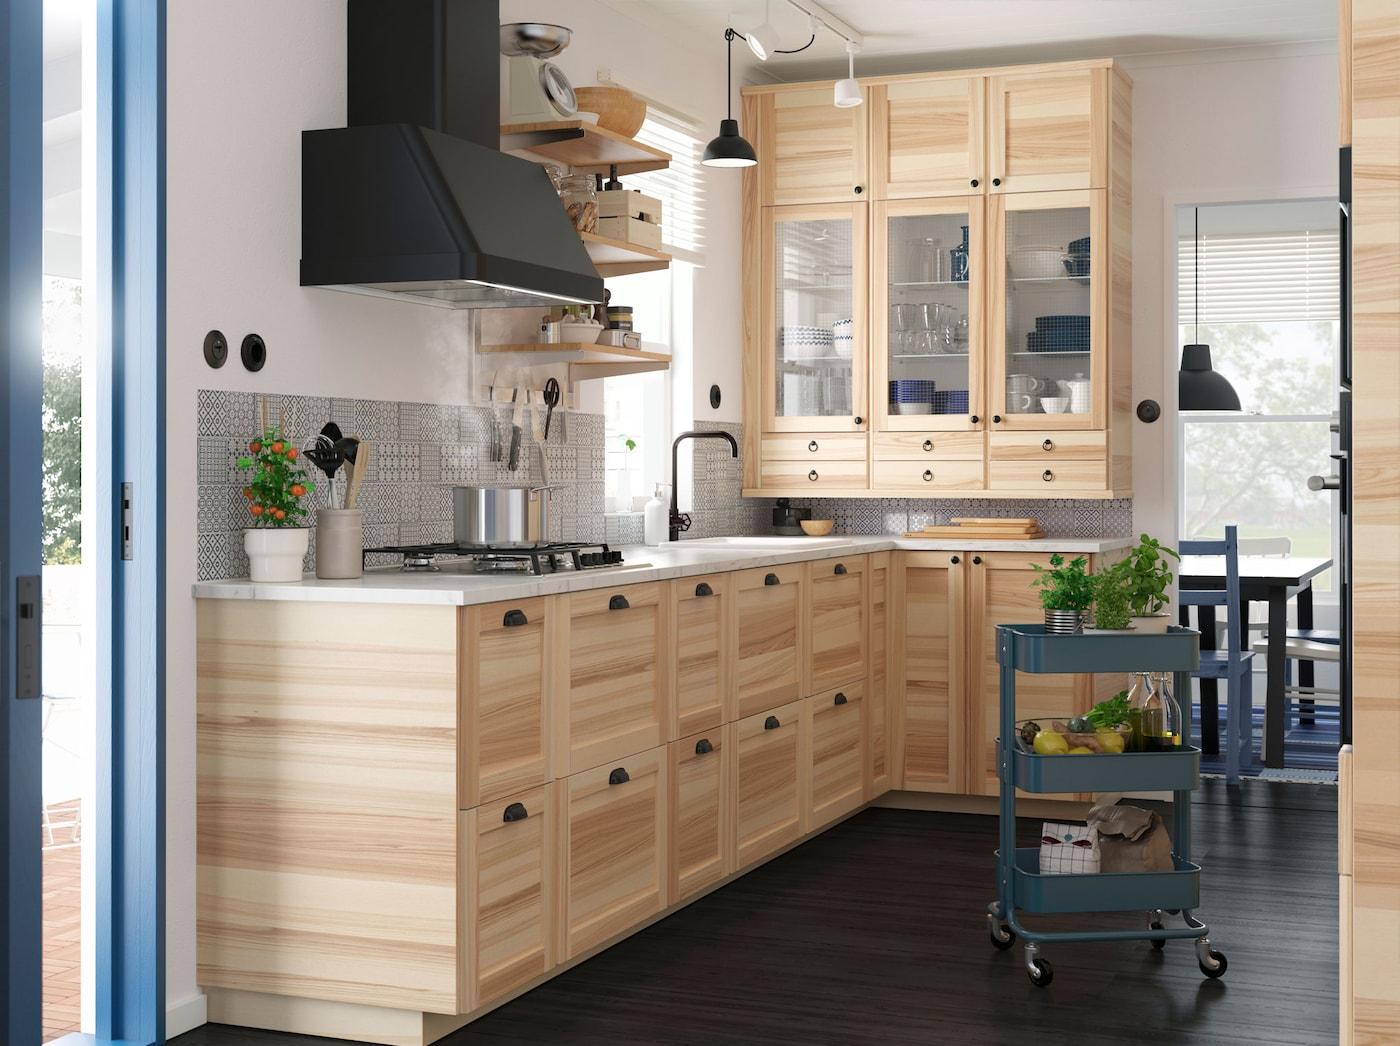 Ein Entspannter Natürlicher Look U2013 In Deiner Küche